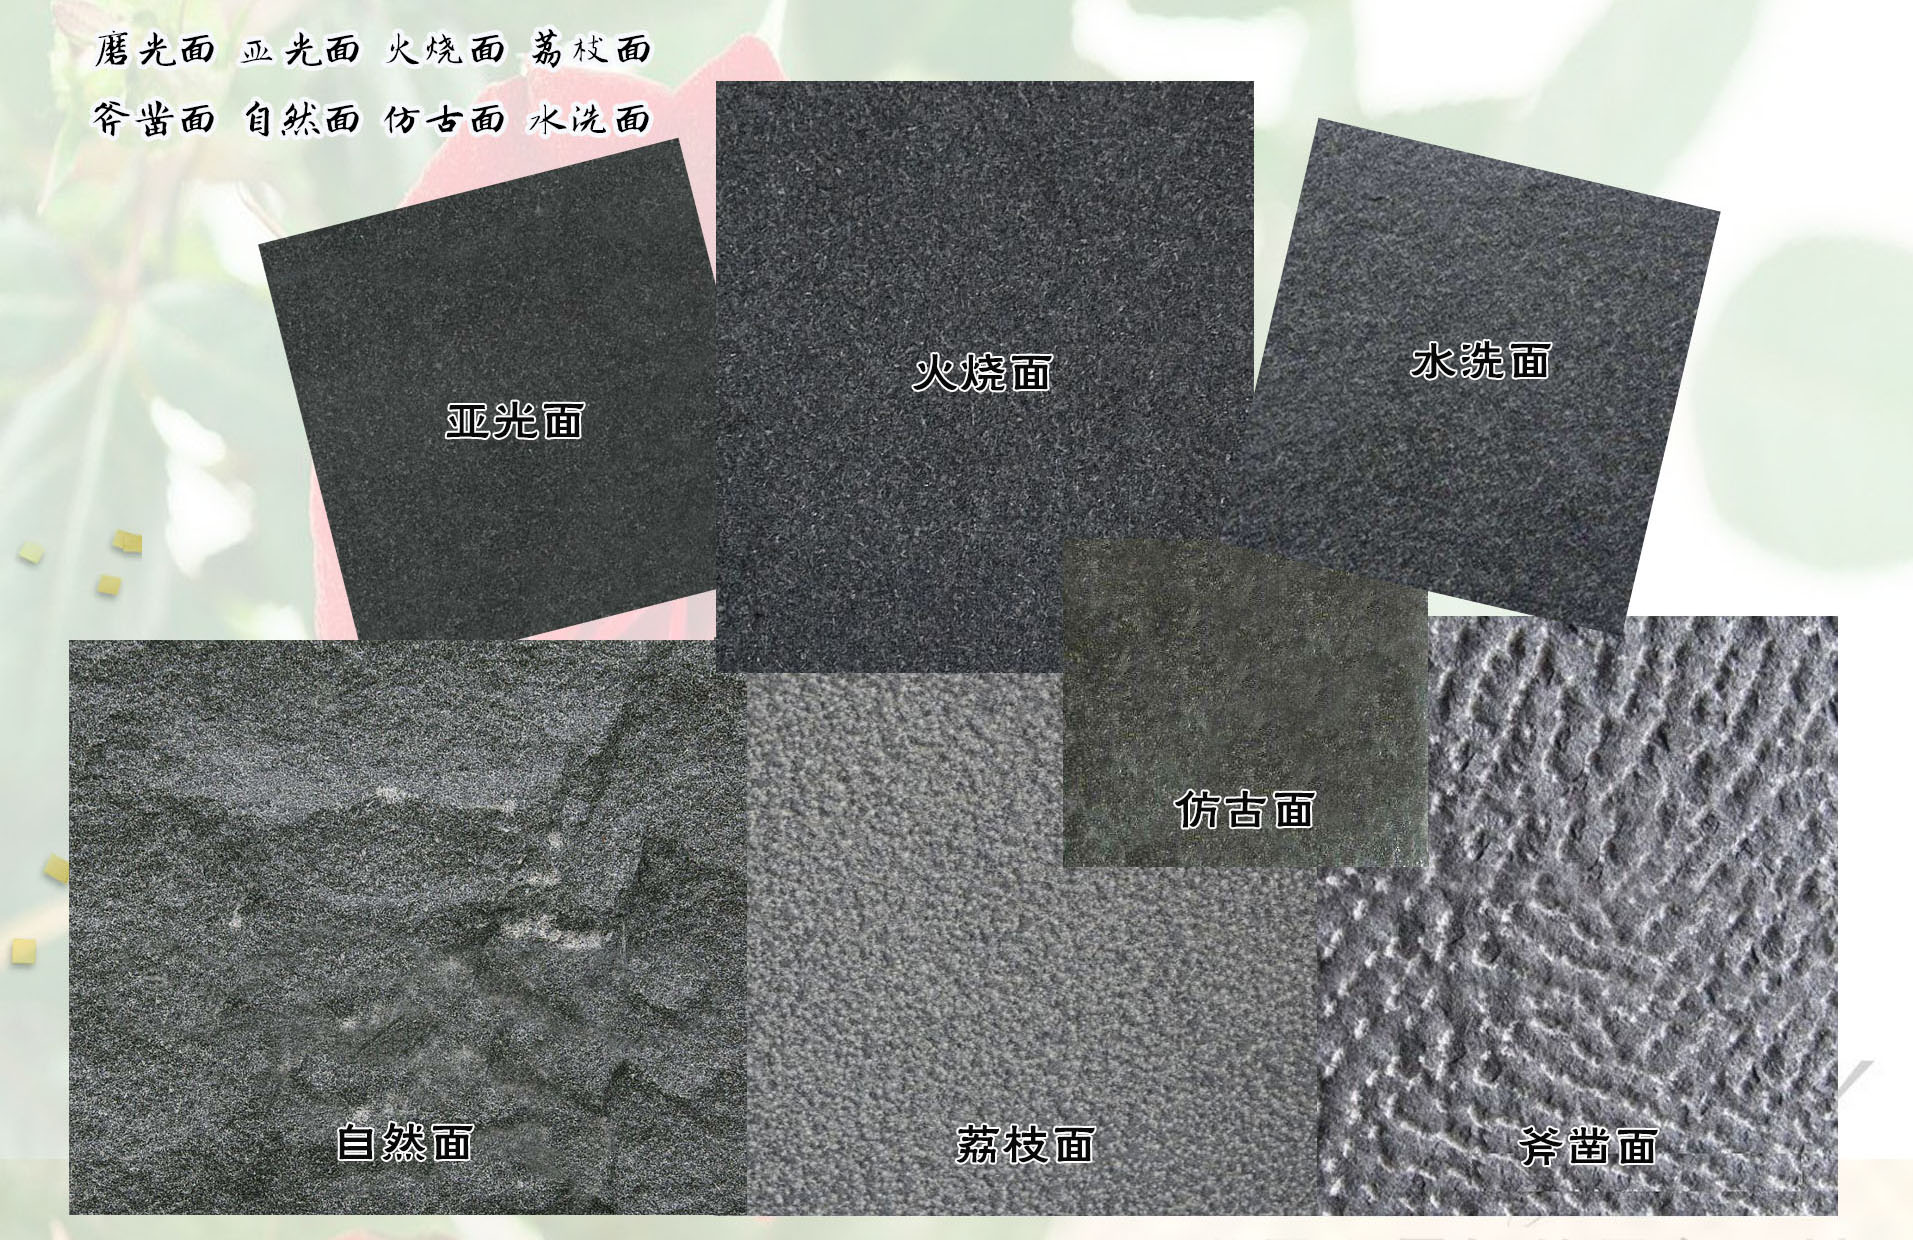 山西黑板材2.jpg